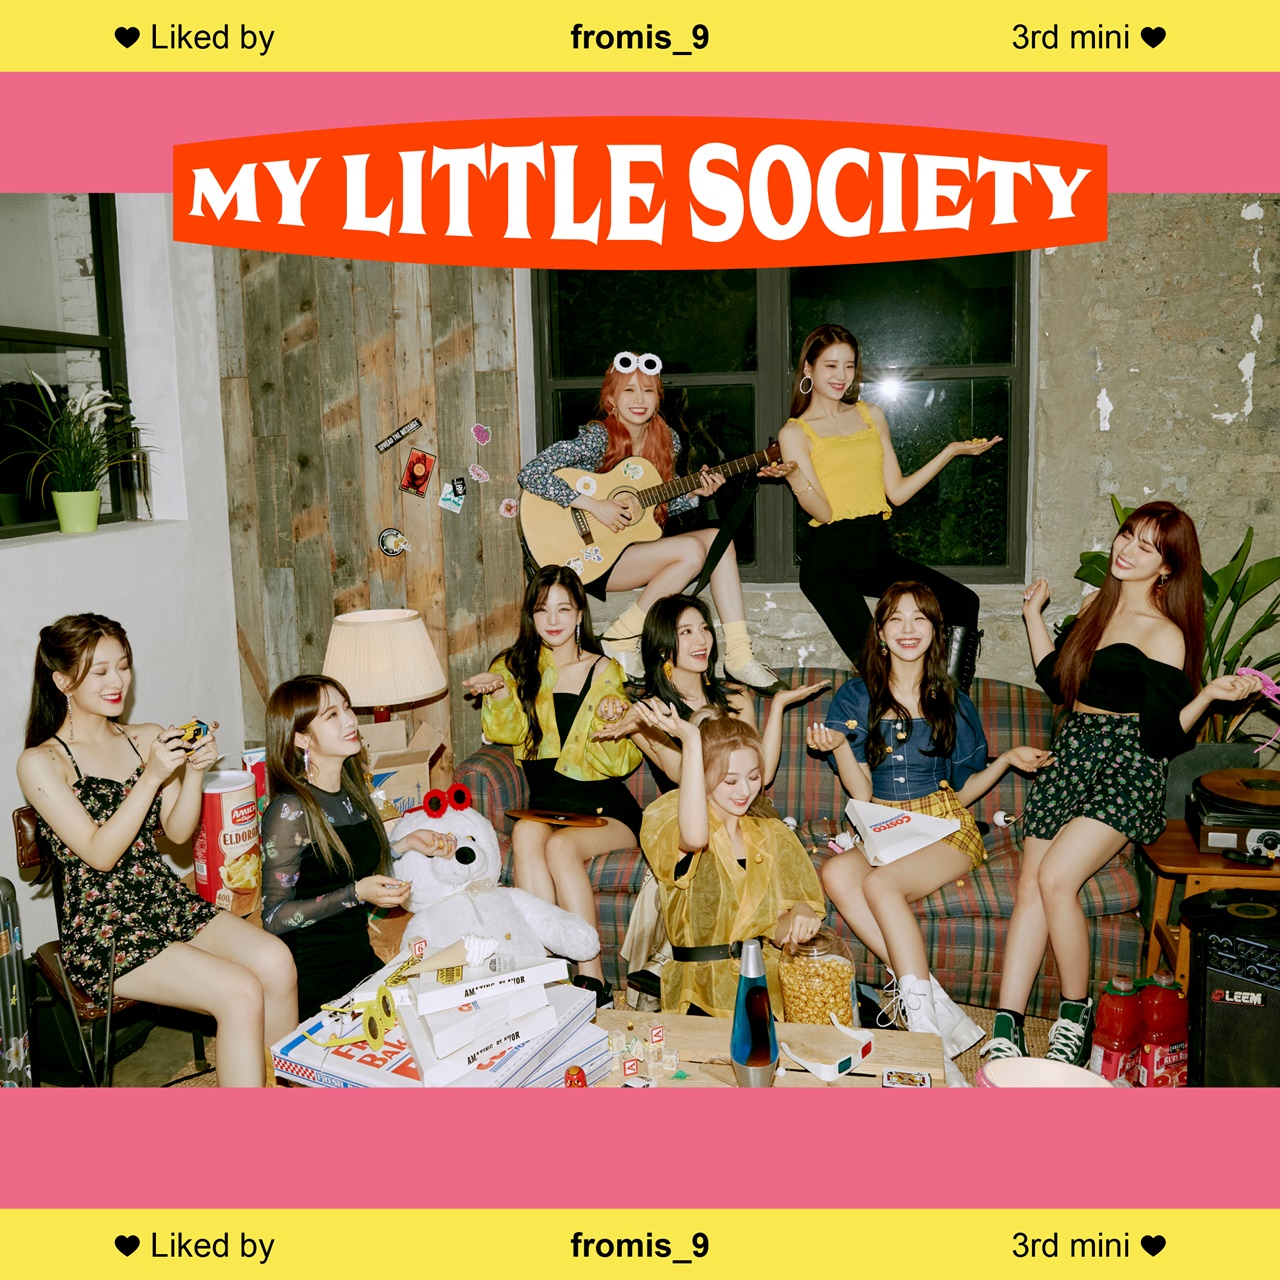 (0916) 프로미스나인 _My Little Society_ 단체 오피셜 포토1.jpg